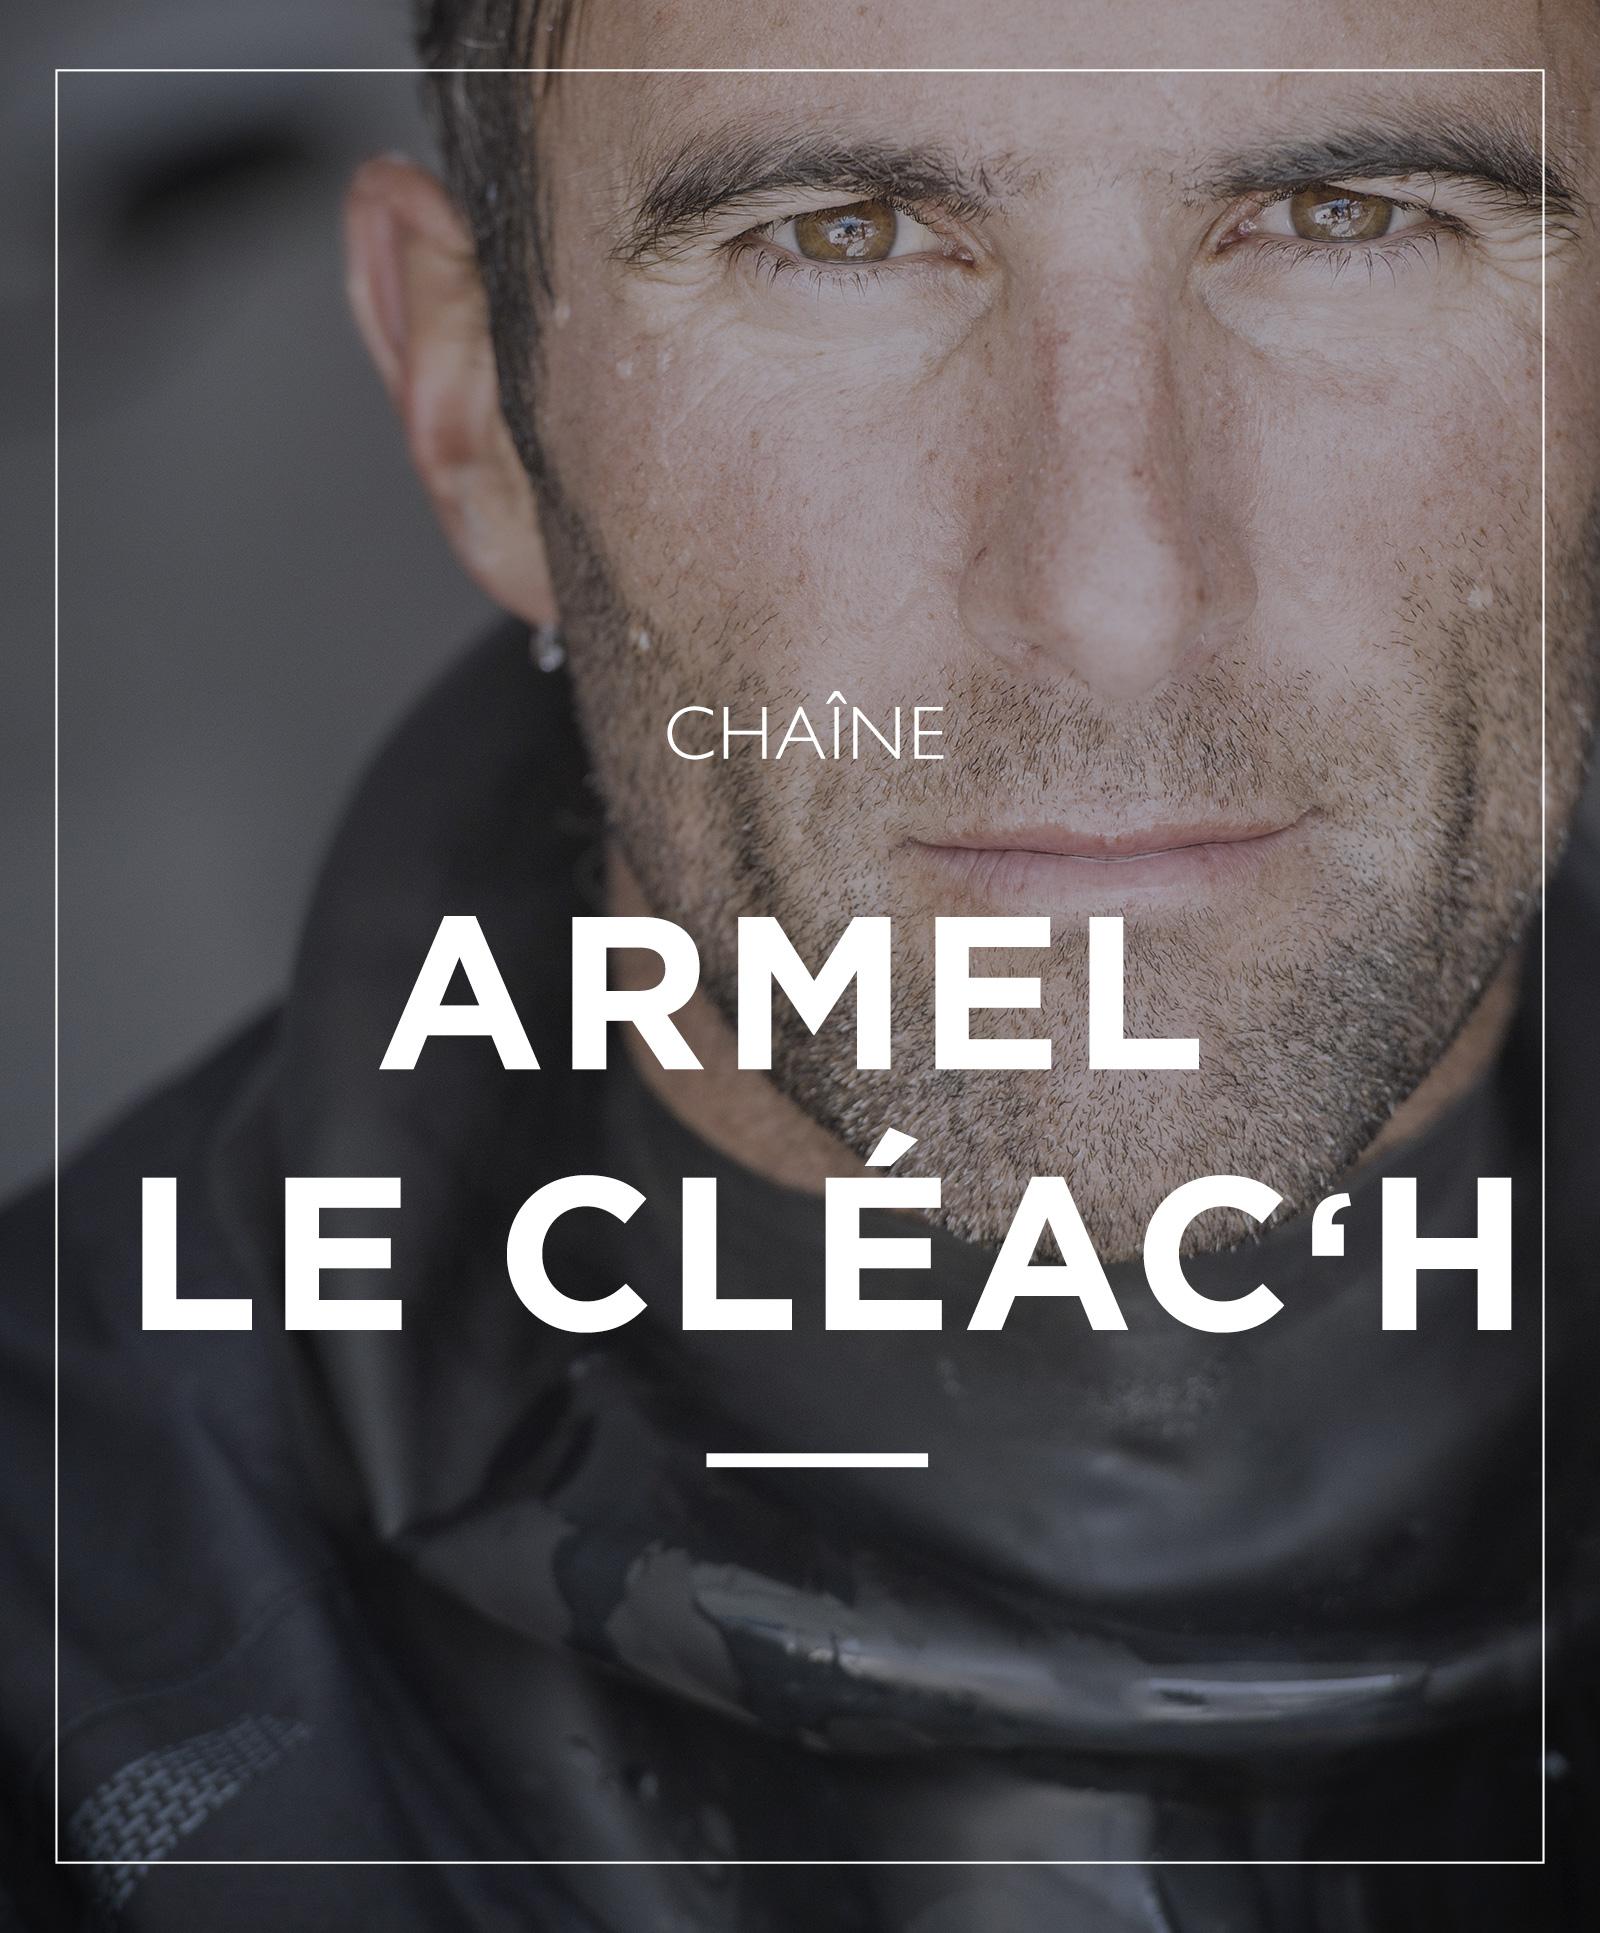 chaine Armel LE CLEAC'H